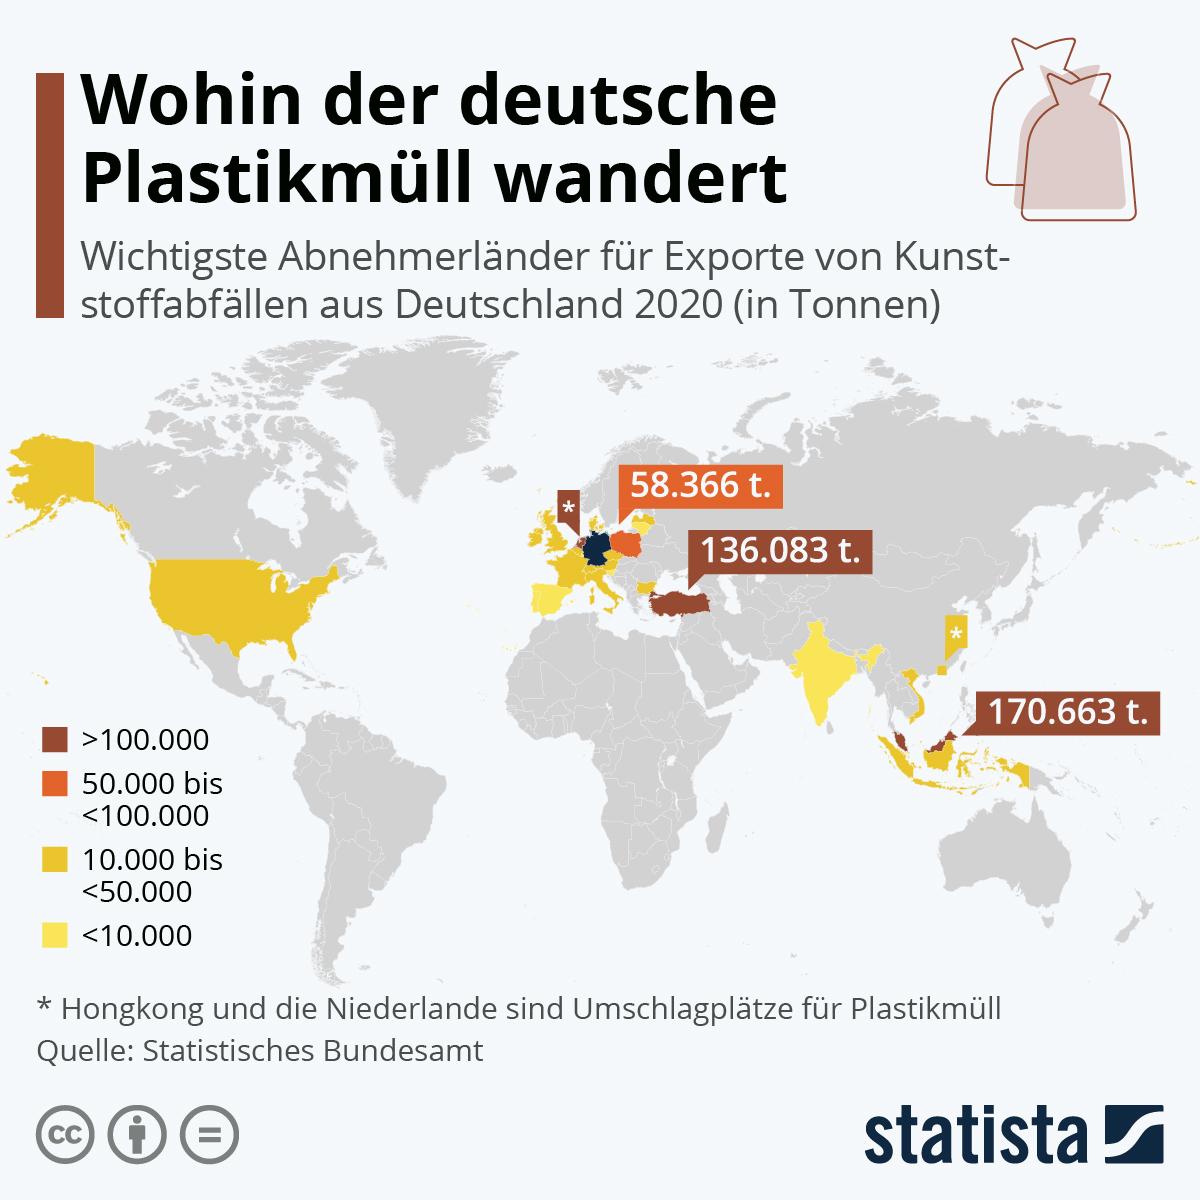 Wohin der deutsche Plastikmüll wandert | Statista